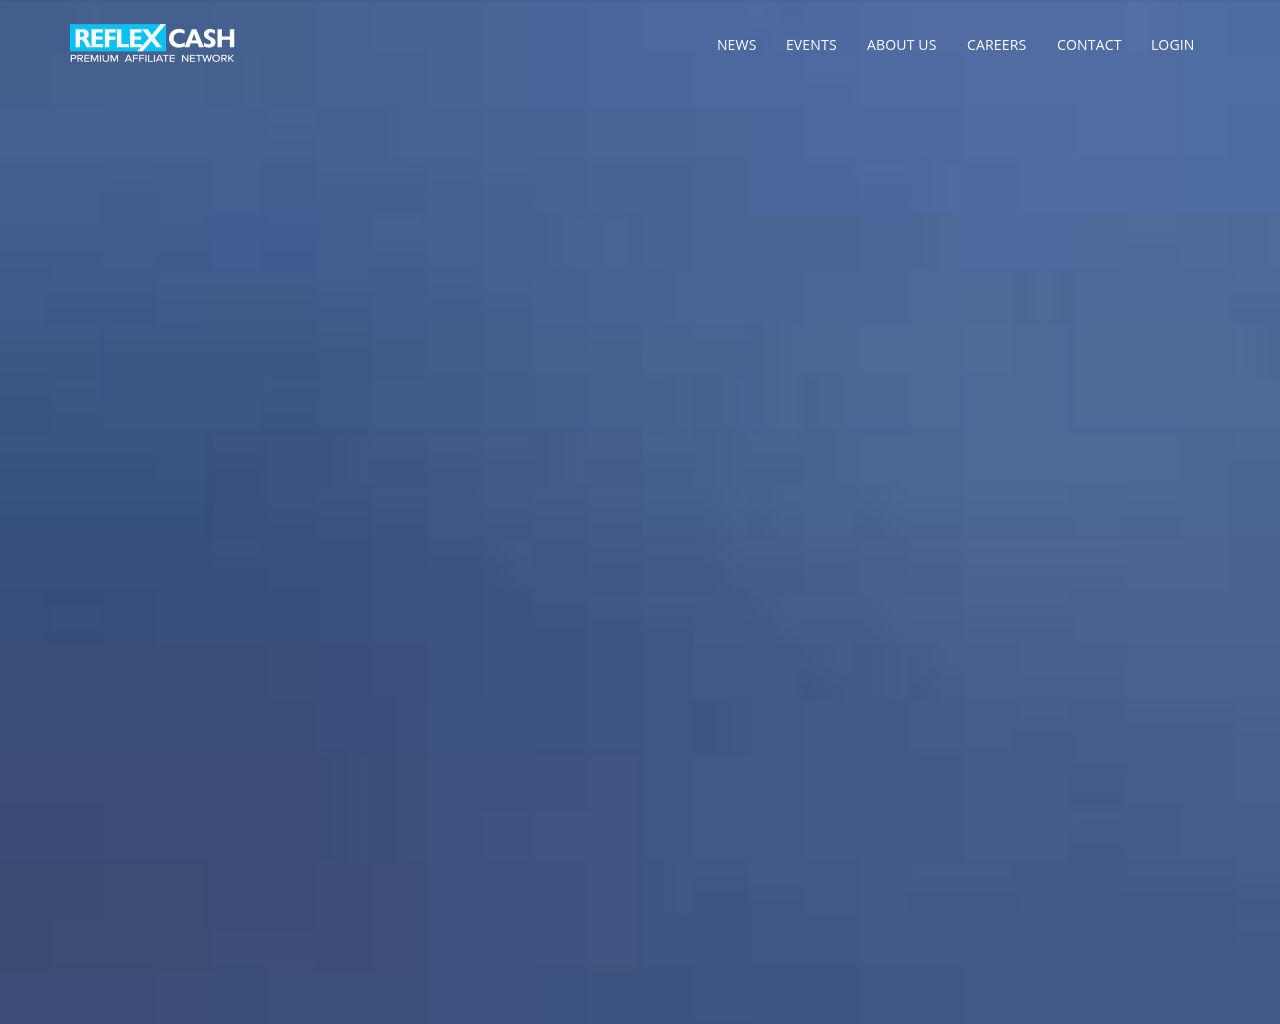 ReflexCash-Advertising-Reviews-Pricing